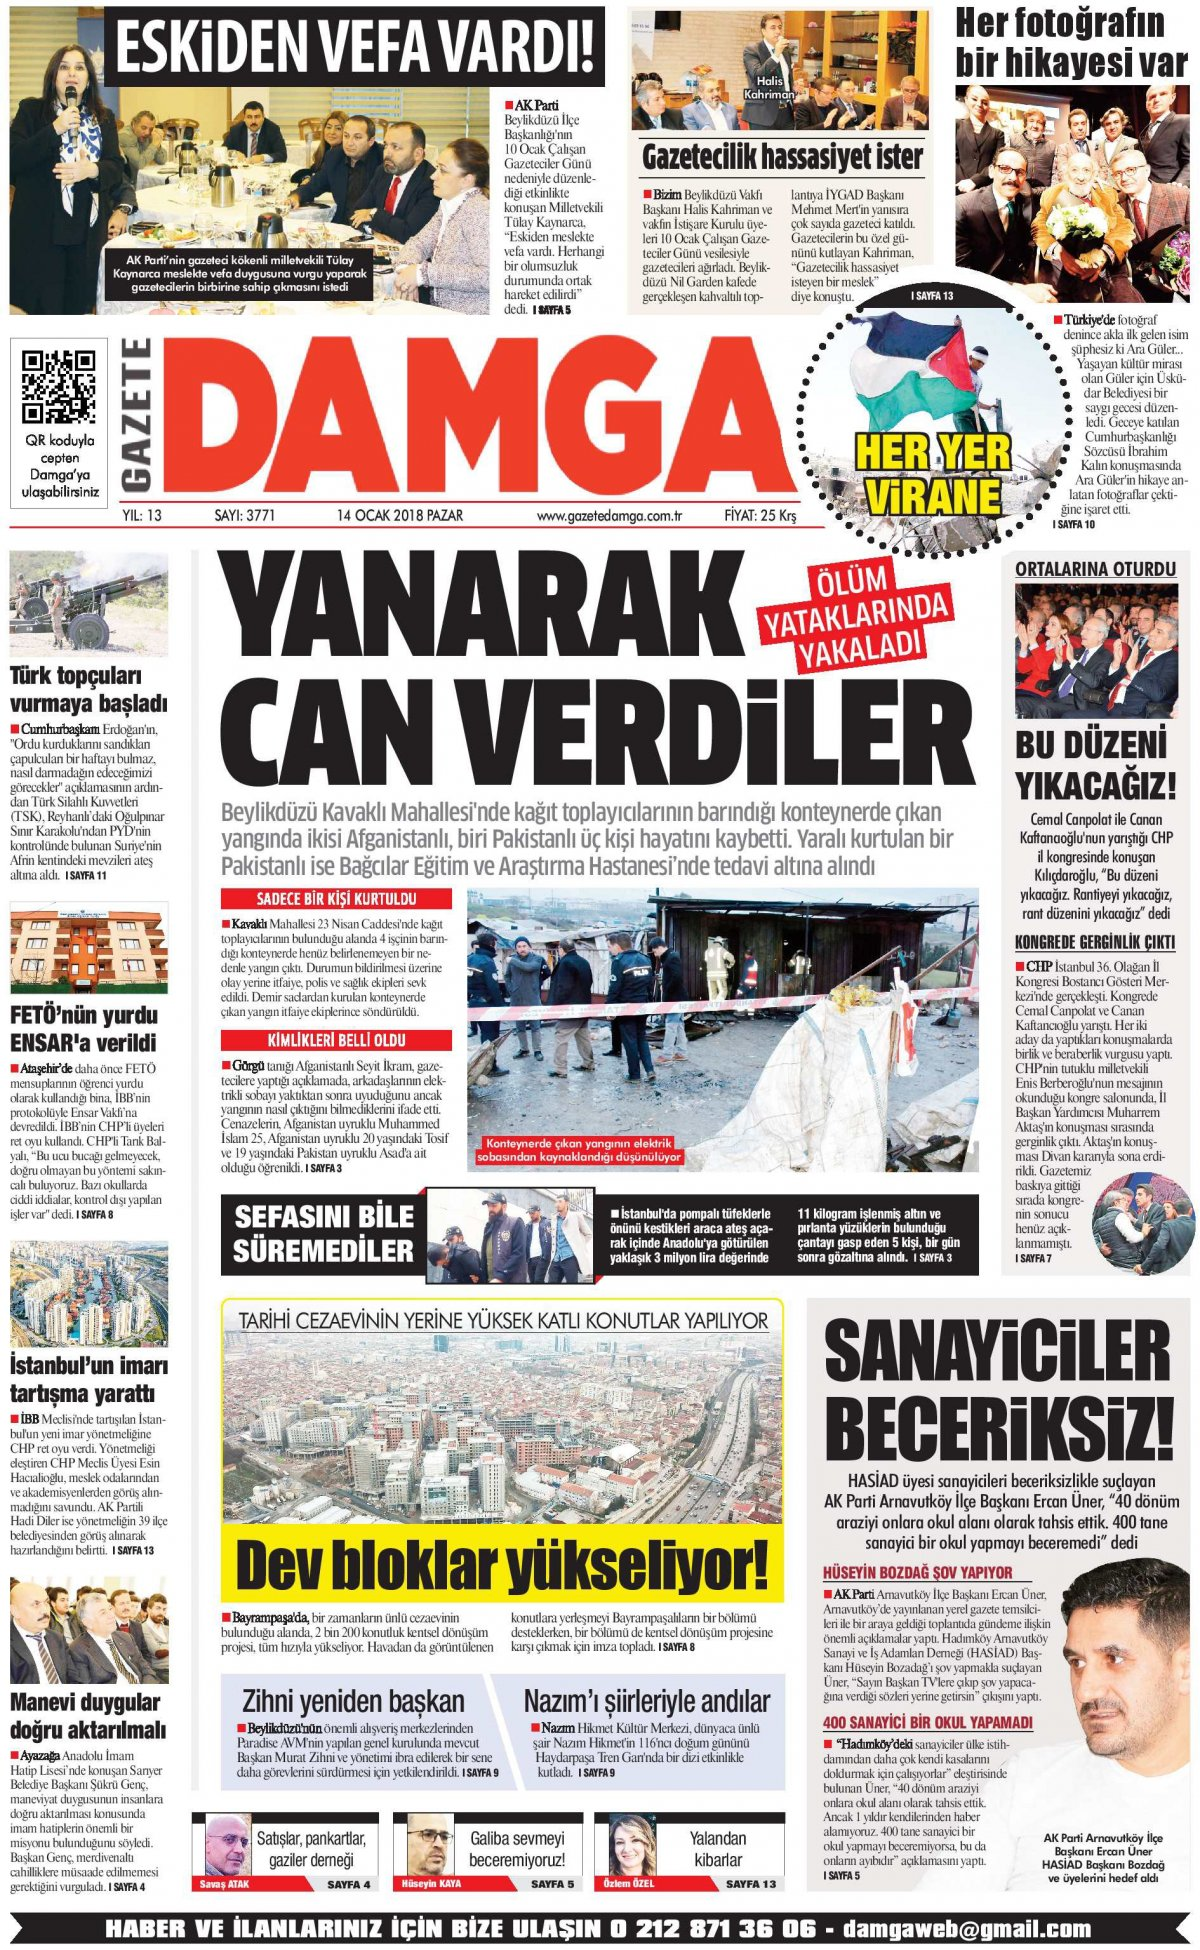 Gazete Damga - 14.01.2018 Manşeti